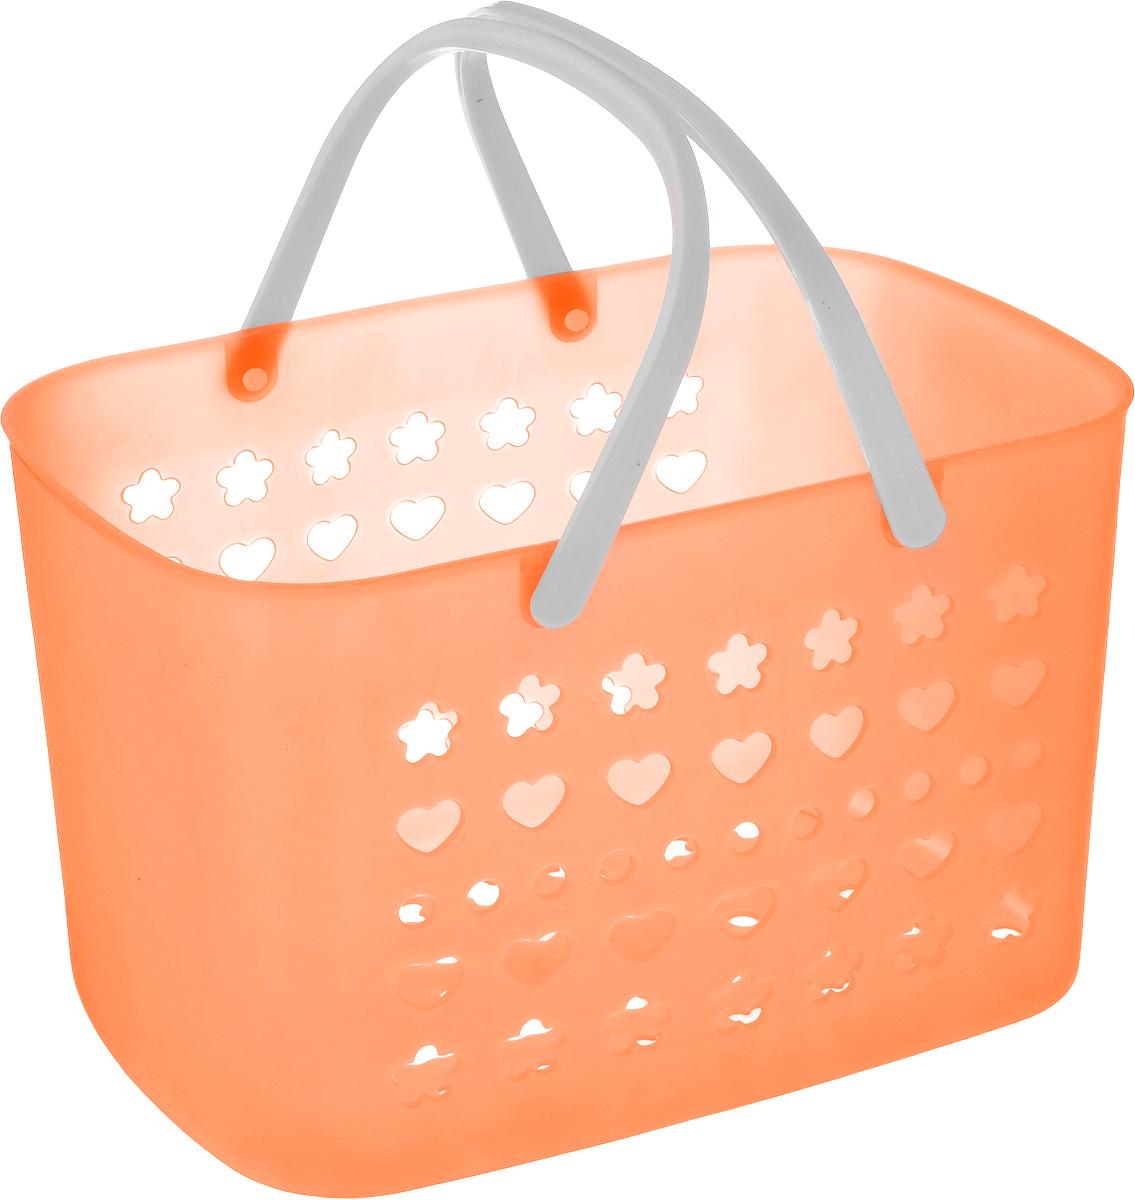 Корзина для мелочей Sima-land, цвет: оранжевый, 27,5 х 17,5 х 17 см, 799929799929_оранжевыйПрямоугольная корзина Sima-land, изготовленная из пластика, предназначена для хранения мелочей в ванной, на кухне, даче или гараже. Корзина оснащена перфорированными стенками и дном. Для удобства переноски корзины имеются пластиковые ручки. Элегантный выдержанный дизайн позволяет органично вписаться в ваш интерьер и стать его элементом. Компактные размеры изделия позволят вам уместить его даже в очень небольшом помещении.